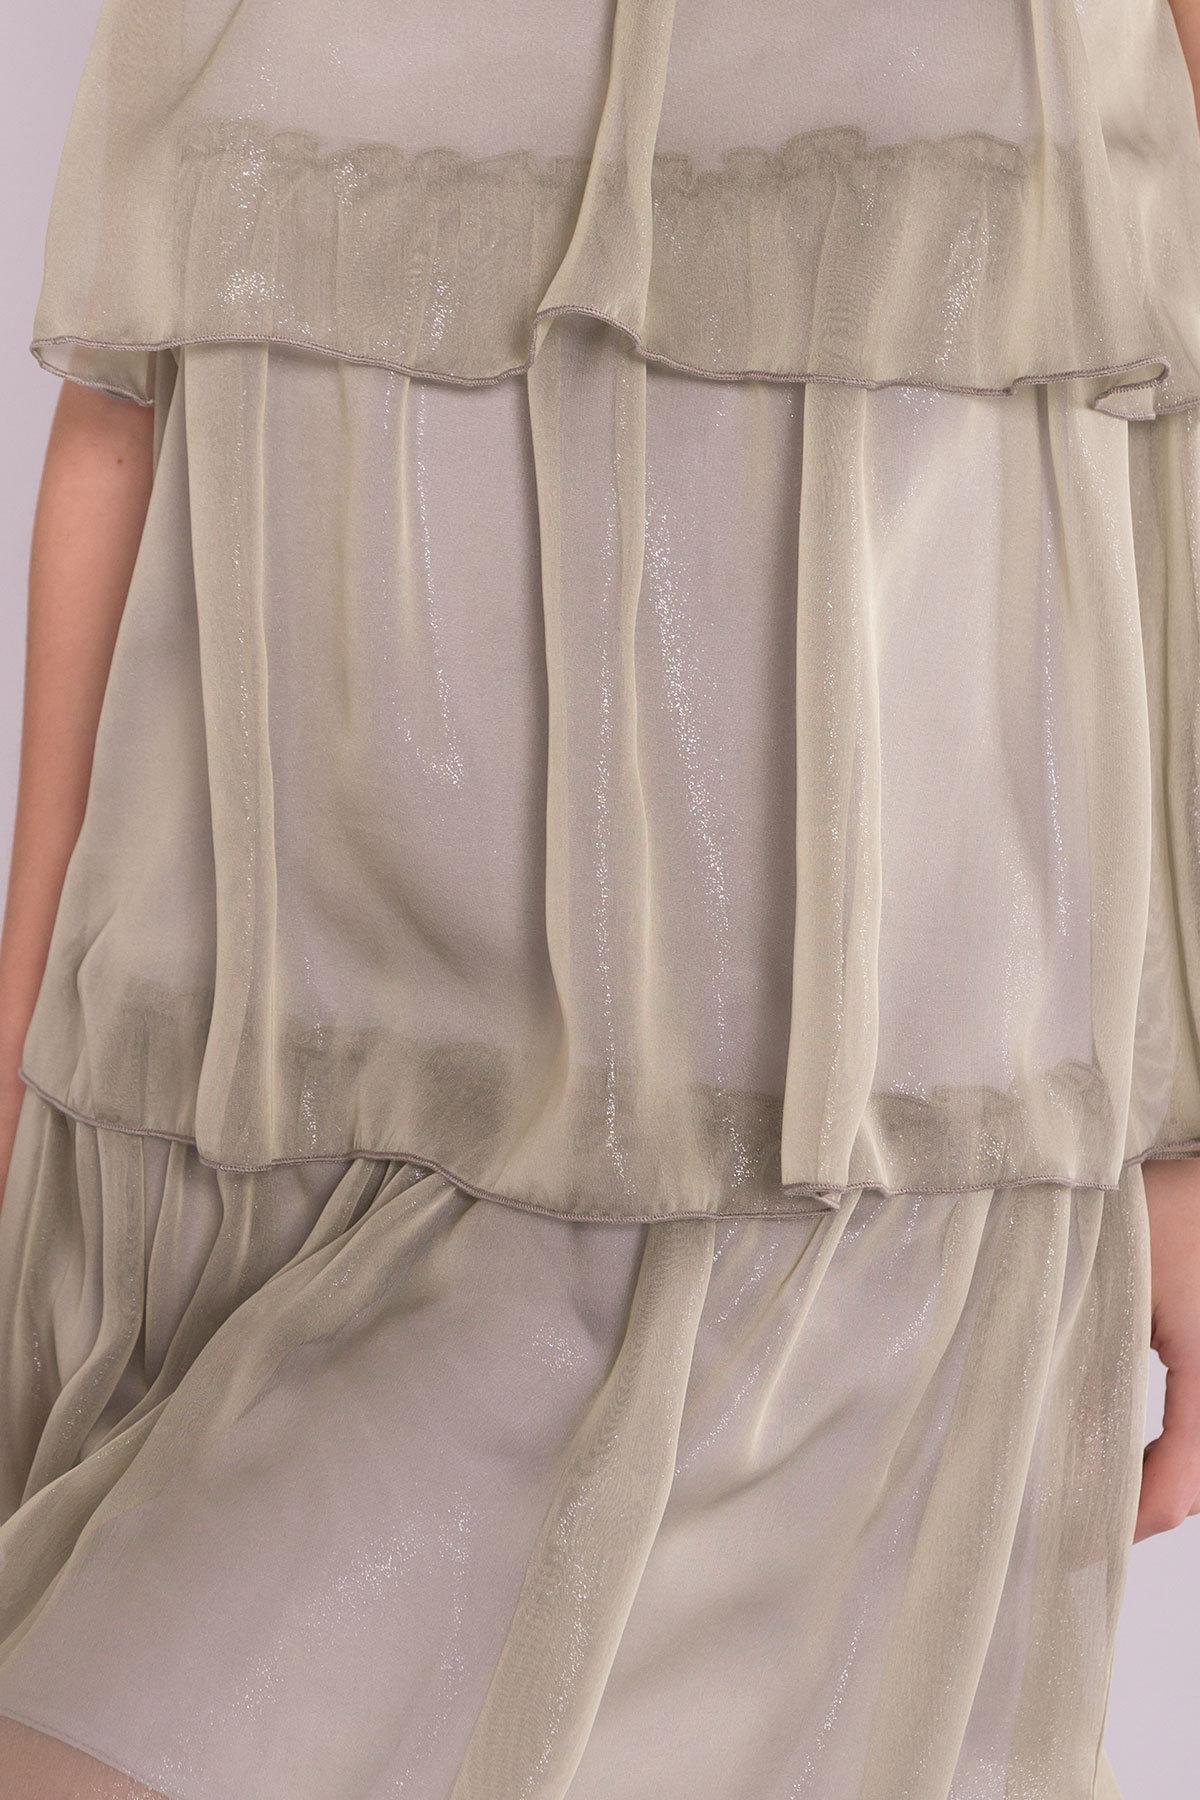 Перри платье из органзы 7067 АРТ. 42545 Цвет: Хаки - фото 4, интернет магазин tm-modus.ru